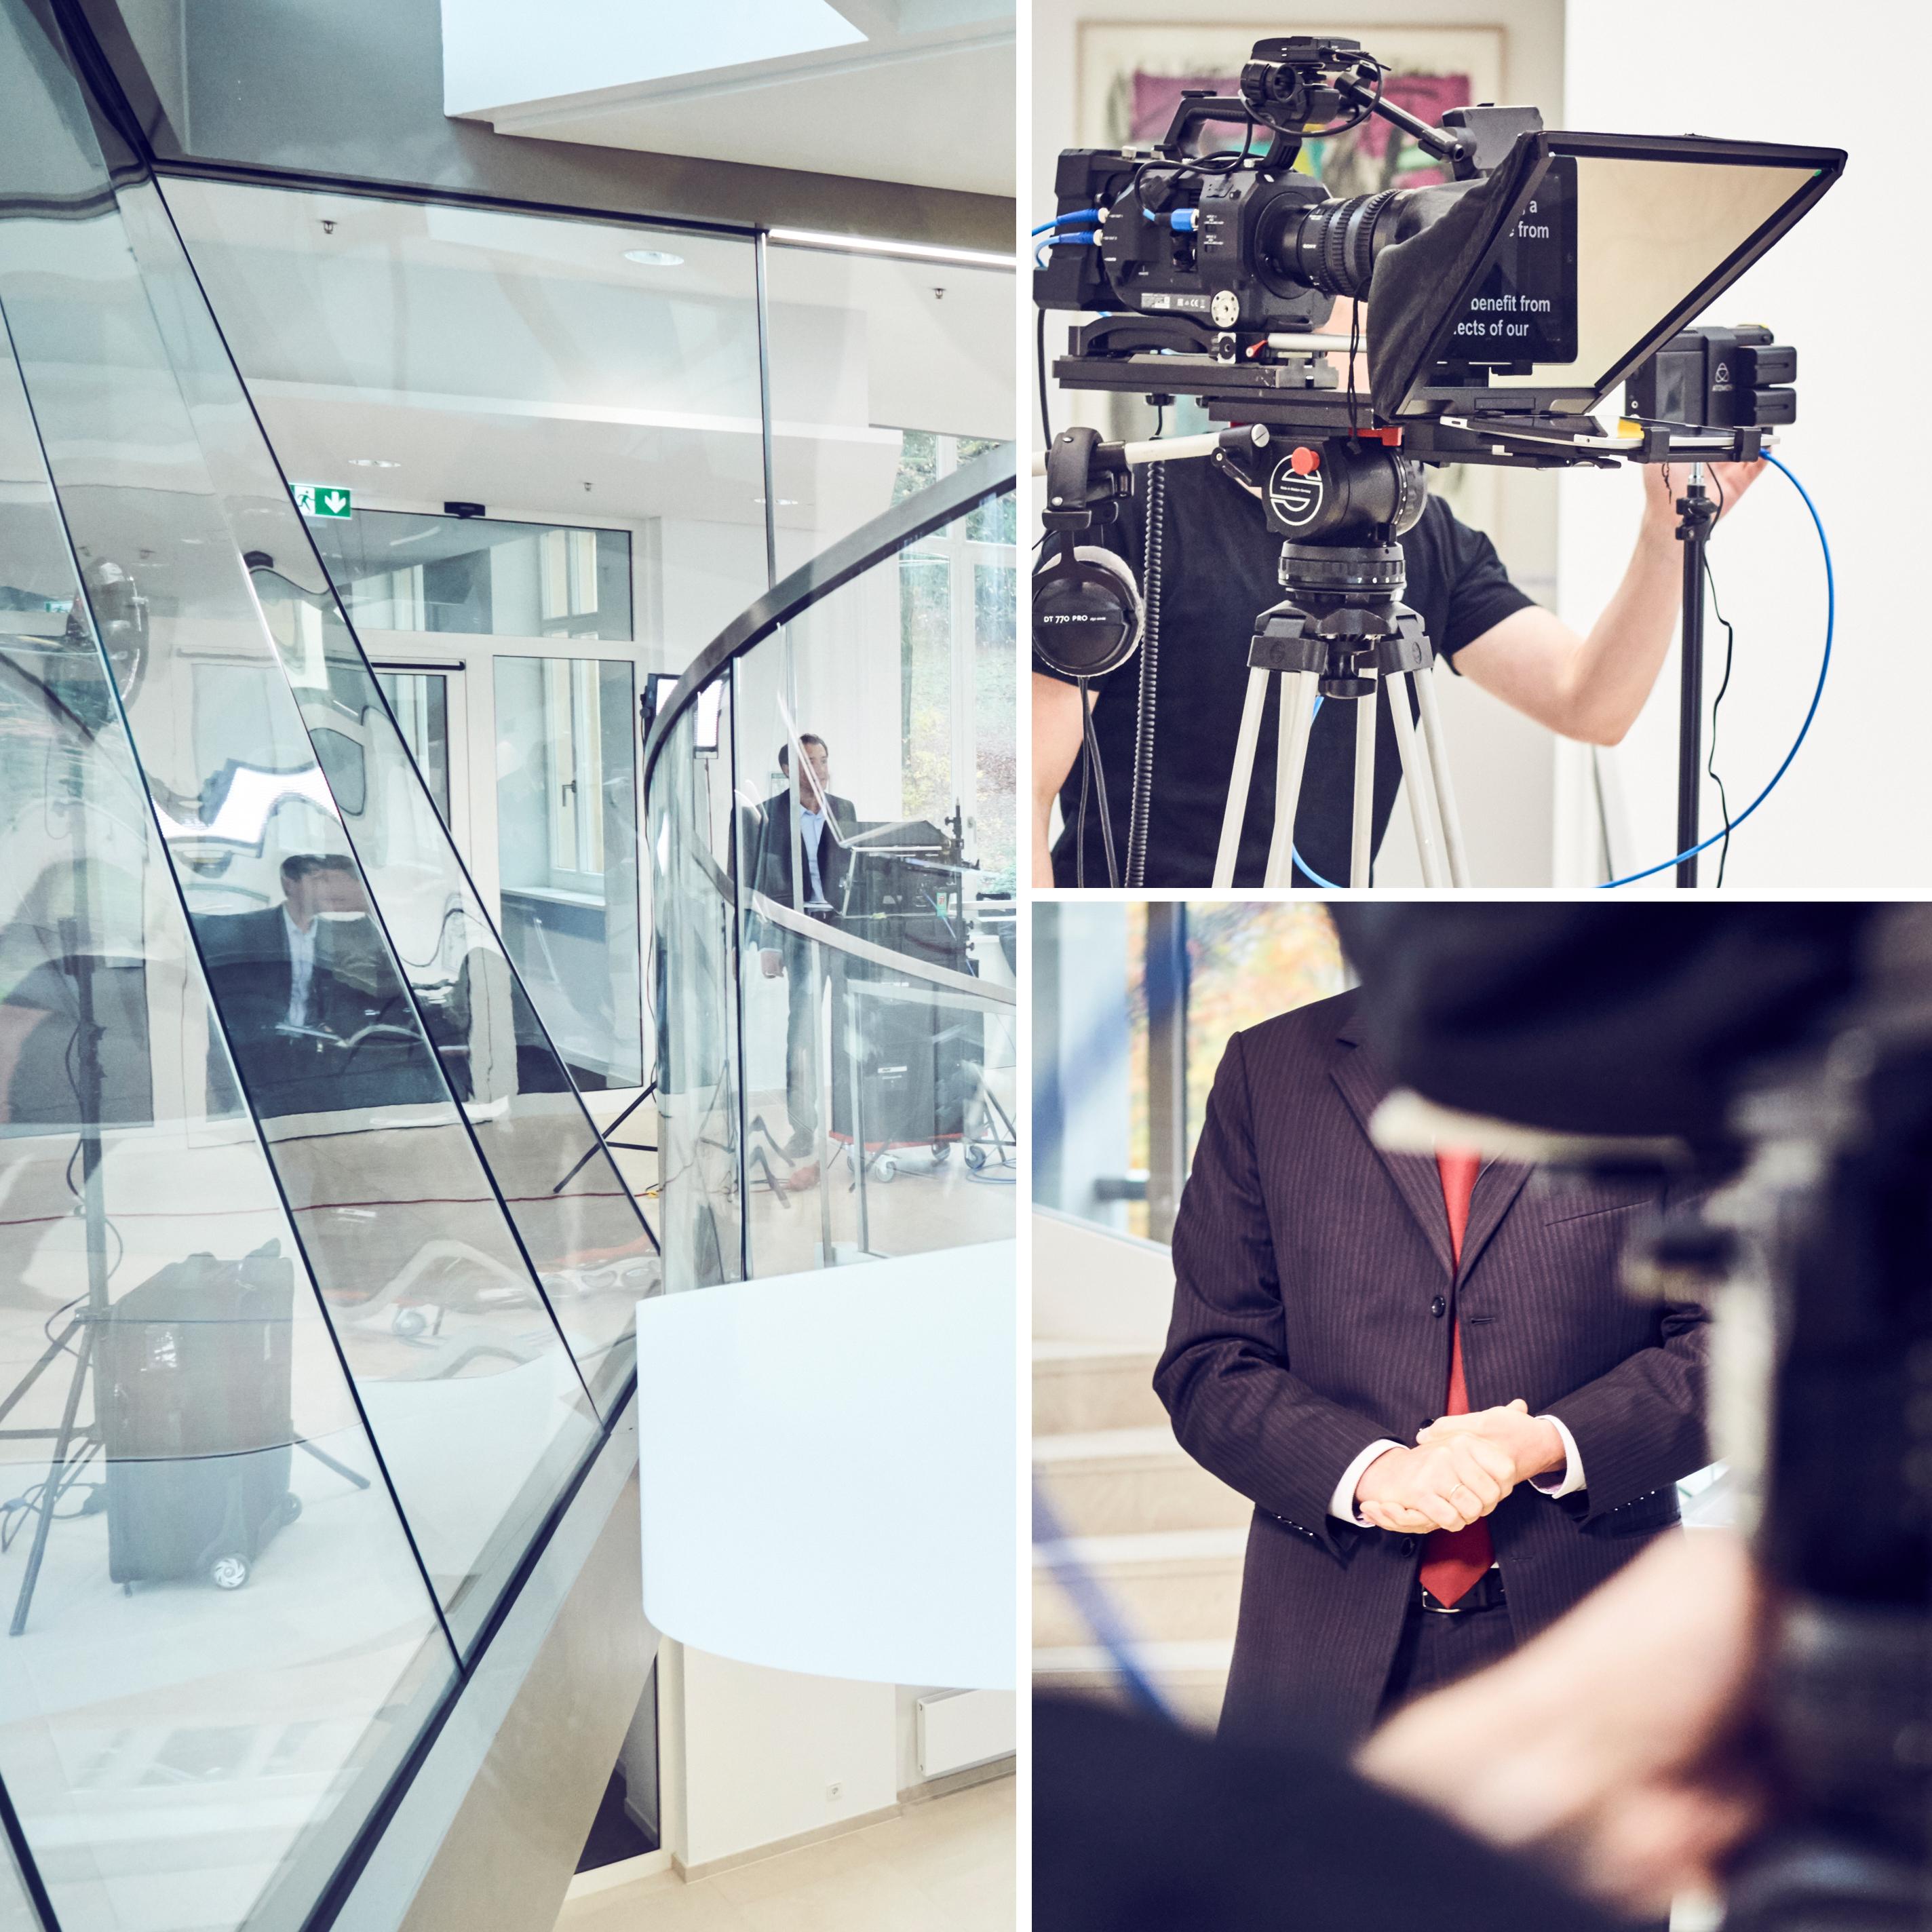 In einer Bild-Collage sieht man Making of Bilder zum Webcast von B.Braun. In einem Bild sieht man in der Ferne einen Mann hinter einer Glasscheibe stehen, von wo aus er auf einem Monitor das Geschehen verfolgt. Auf einem anderen Bild steht ein Mann hinter einer Kamera, welche er gerade einstellt. Auf dem letzten Bild sieht man einen Mitarbeiter von B.Braun, dessen Kopf von einer Kamera verdeckt ist. Er hat seine Hände ineinander gelegt